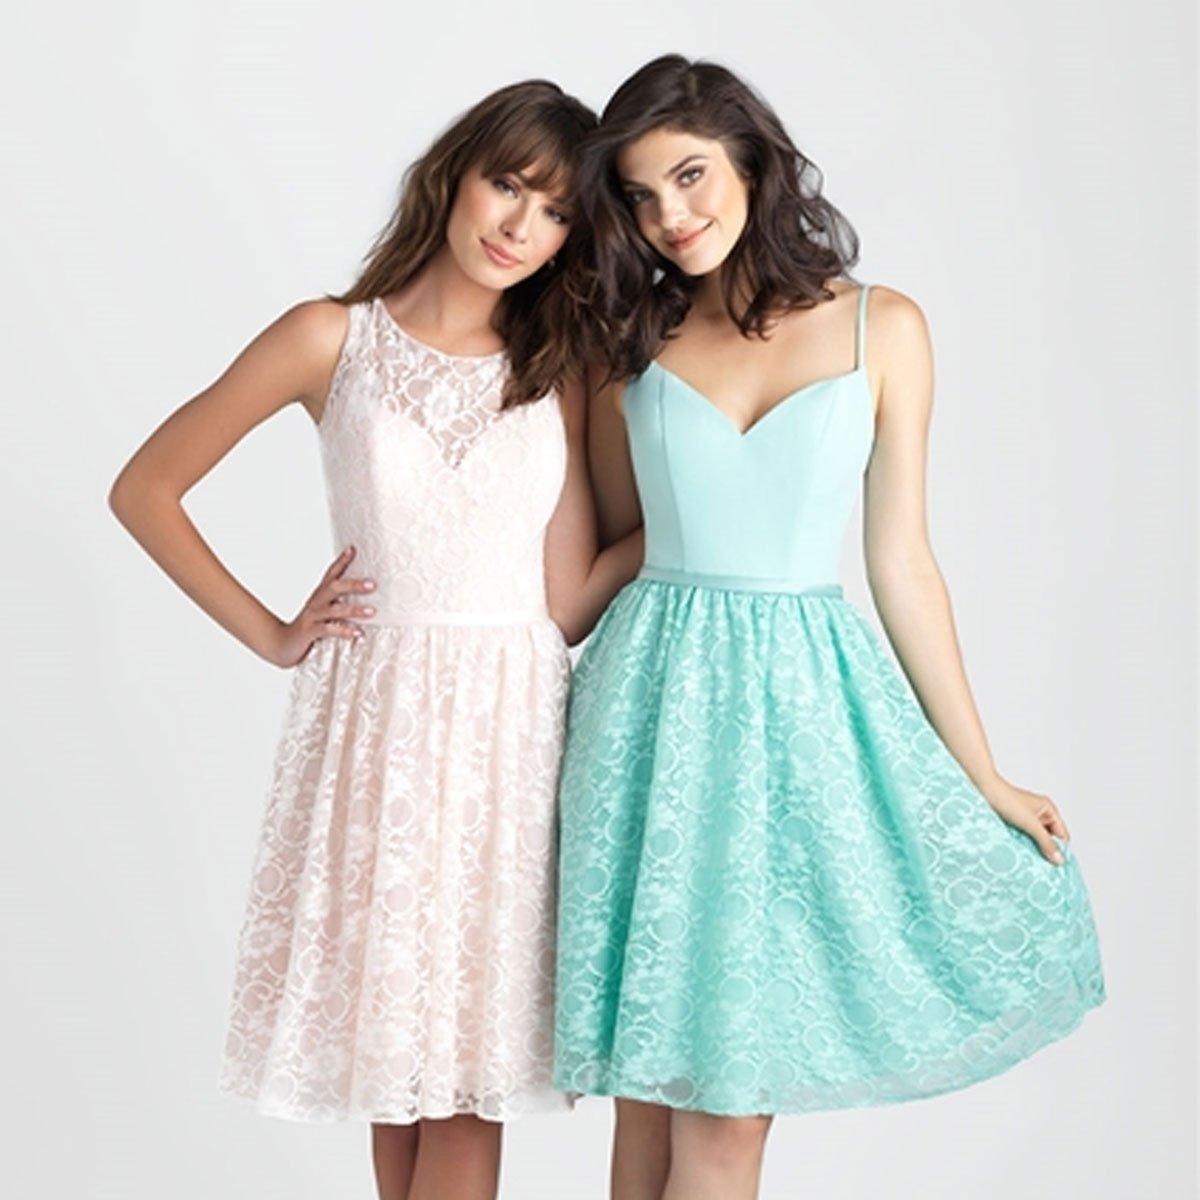 Dream Dress Express (@DreamDressExp) | Twitter